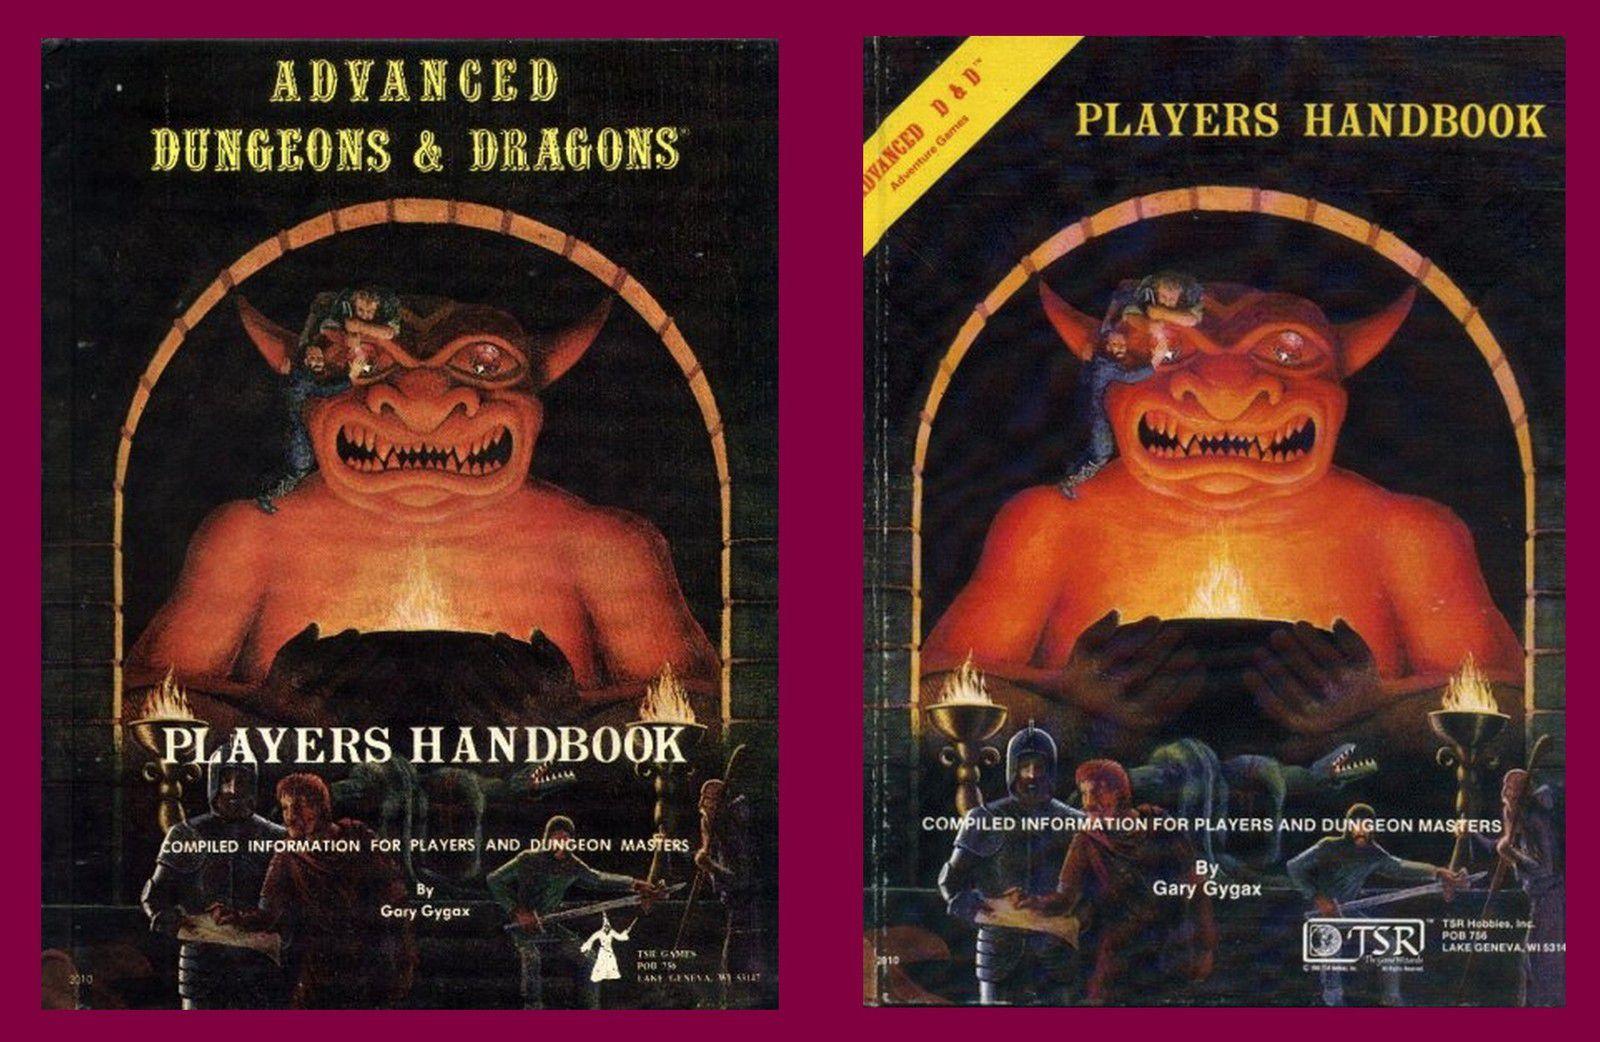 Les deux couvertures des premières impressions : à gauche celle des 3 premières impressions, à droite celle des impressions suivantes jusqu'à ce que cette illustration soit remplacée par celle de Easley.